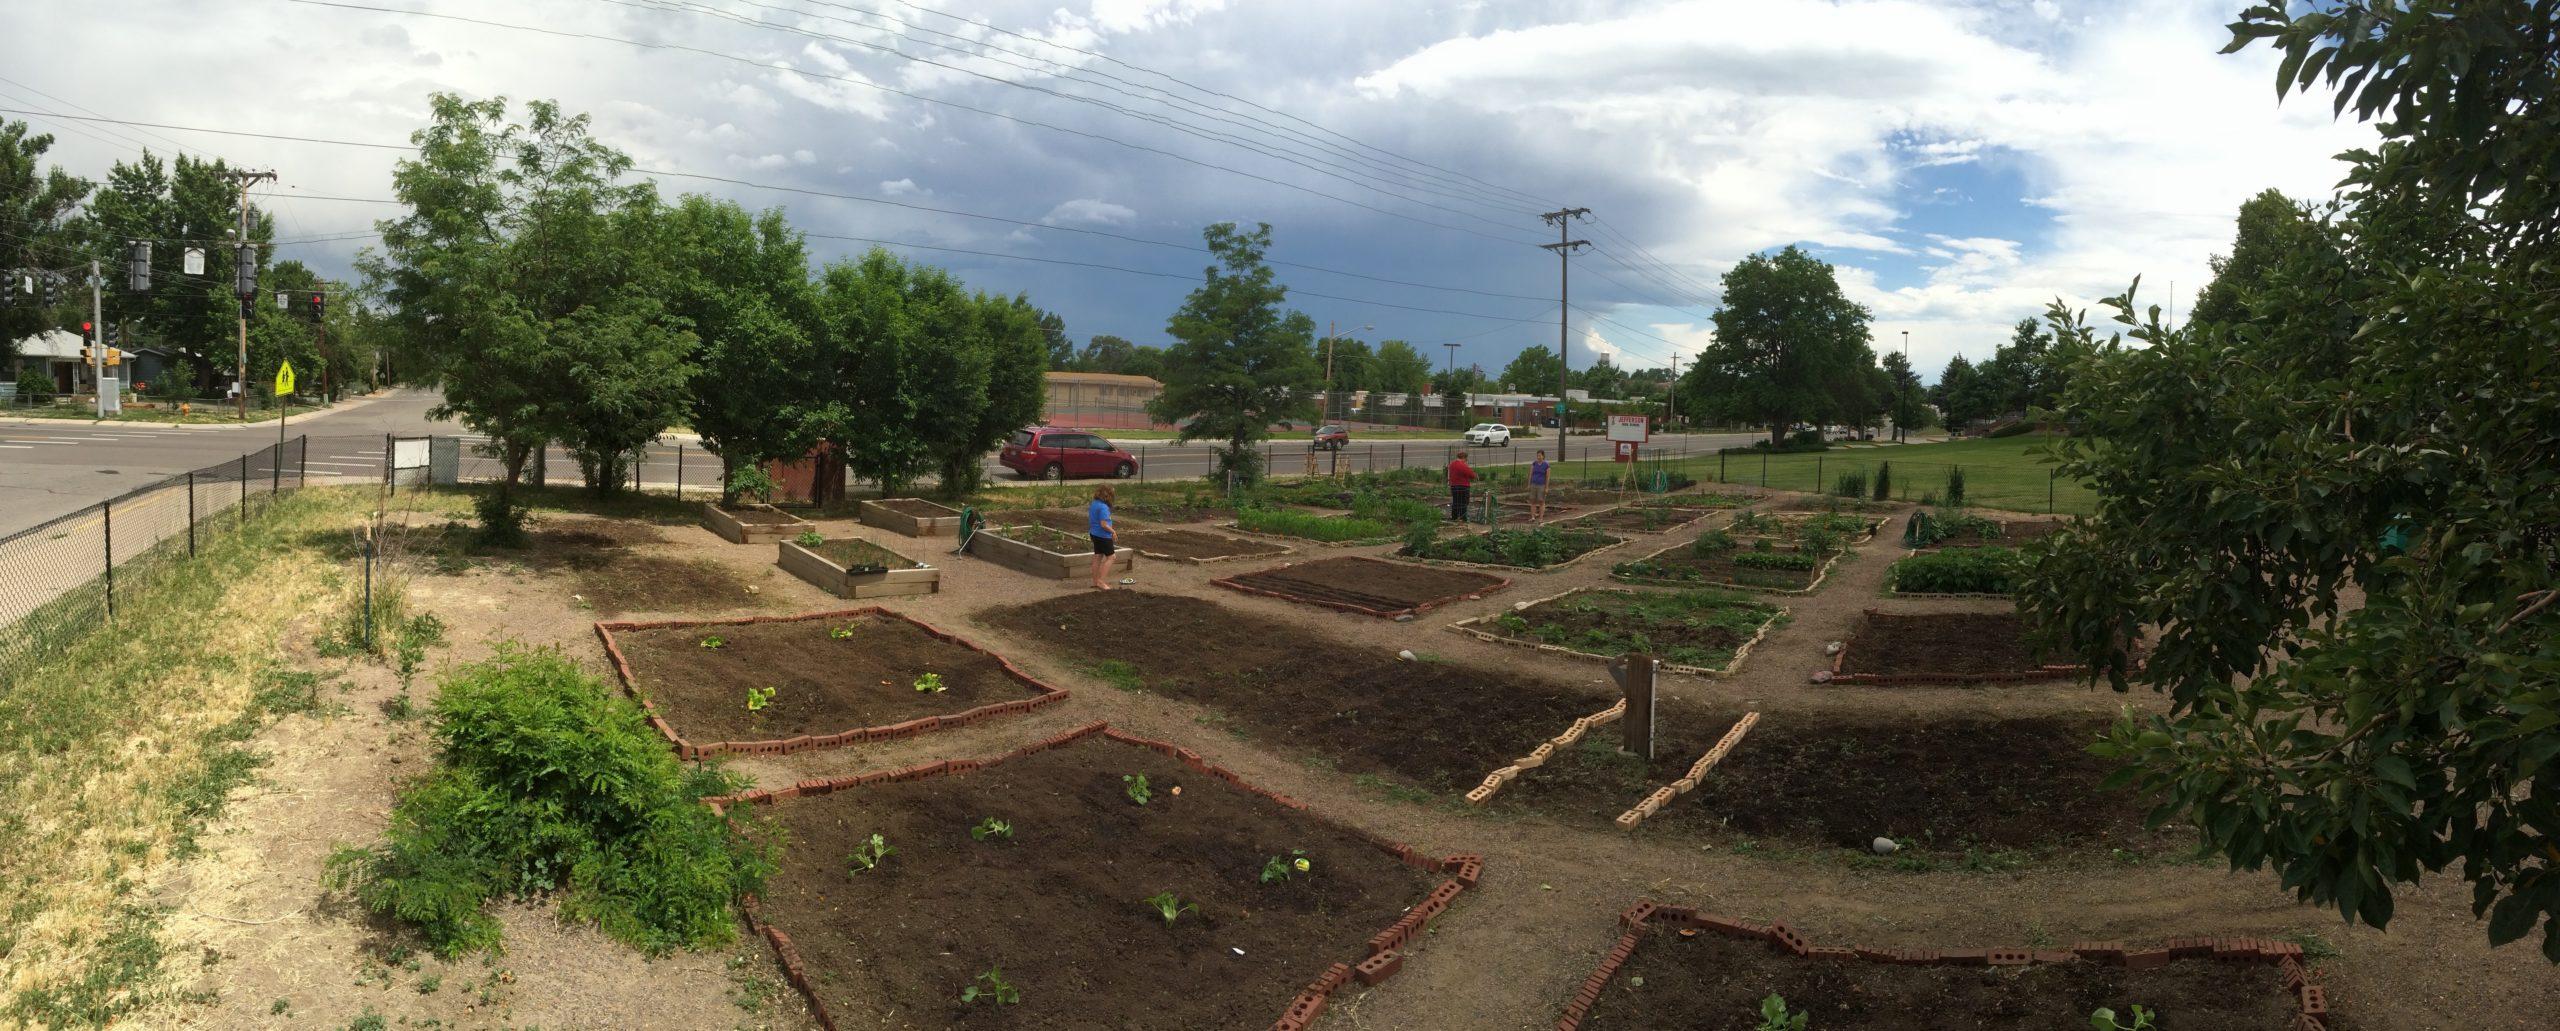 Saints Community Garden at Jefferson High School - Denver Urban Gardens